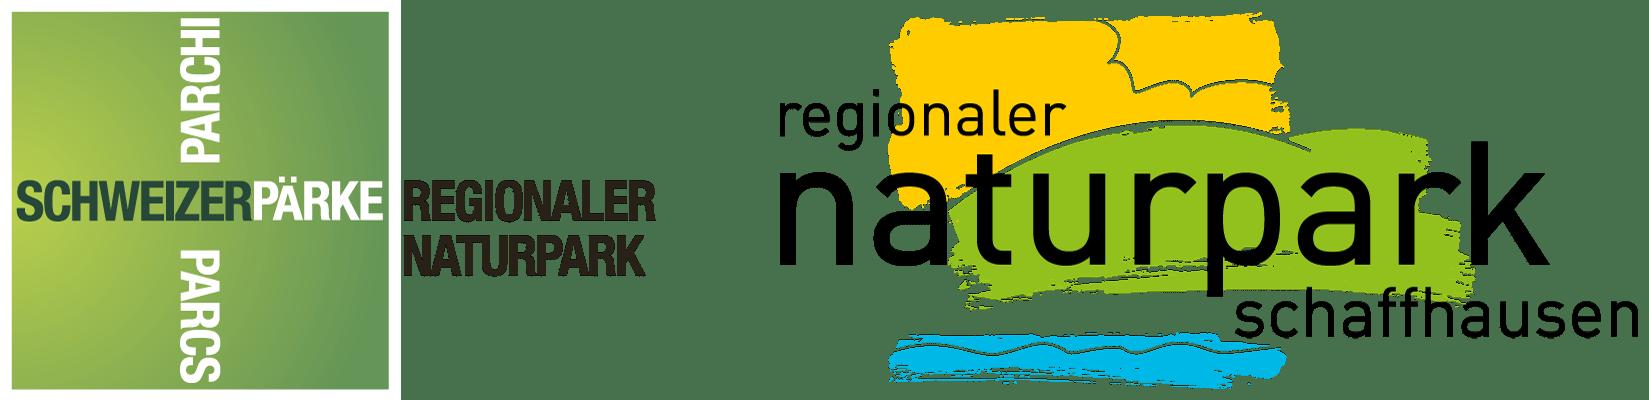 Regionaler Naturpark Schaffhausen